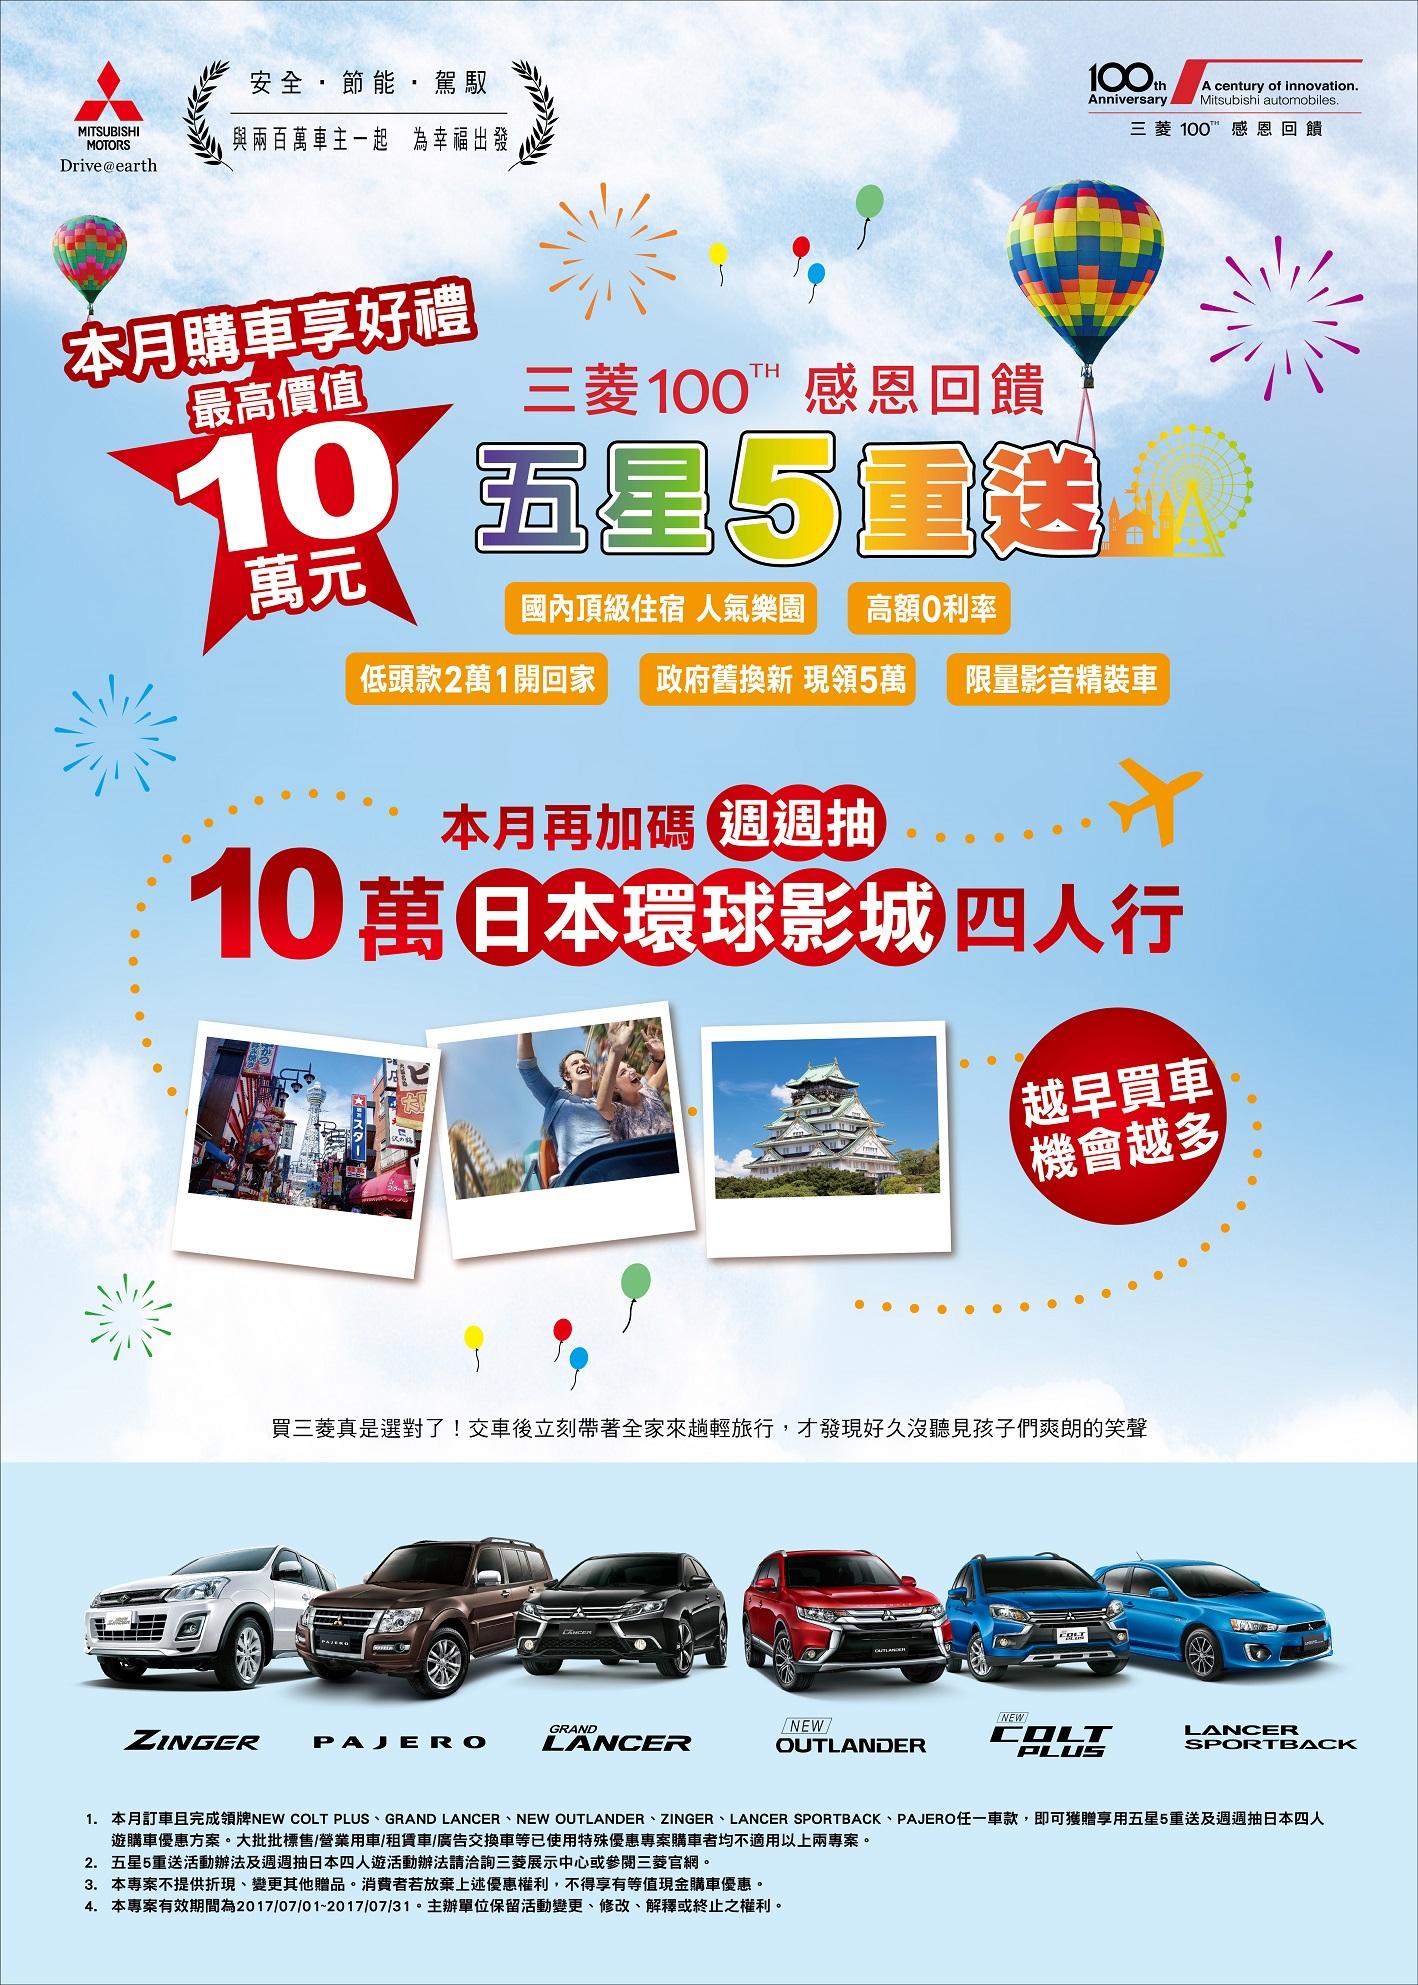 【新事】五星五重送,買Mitsubishi最高享10萬好禮再抽日本四人行